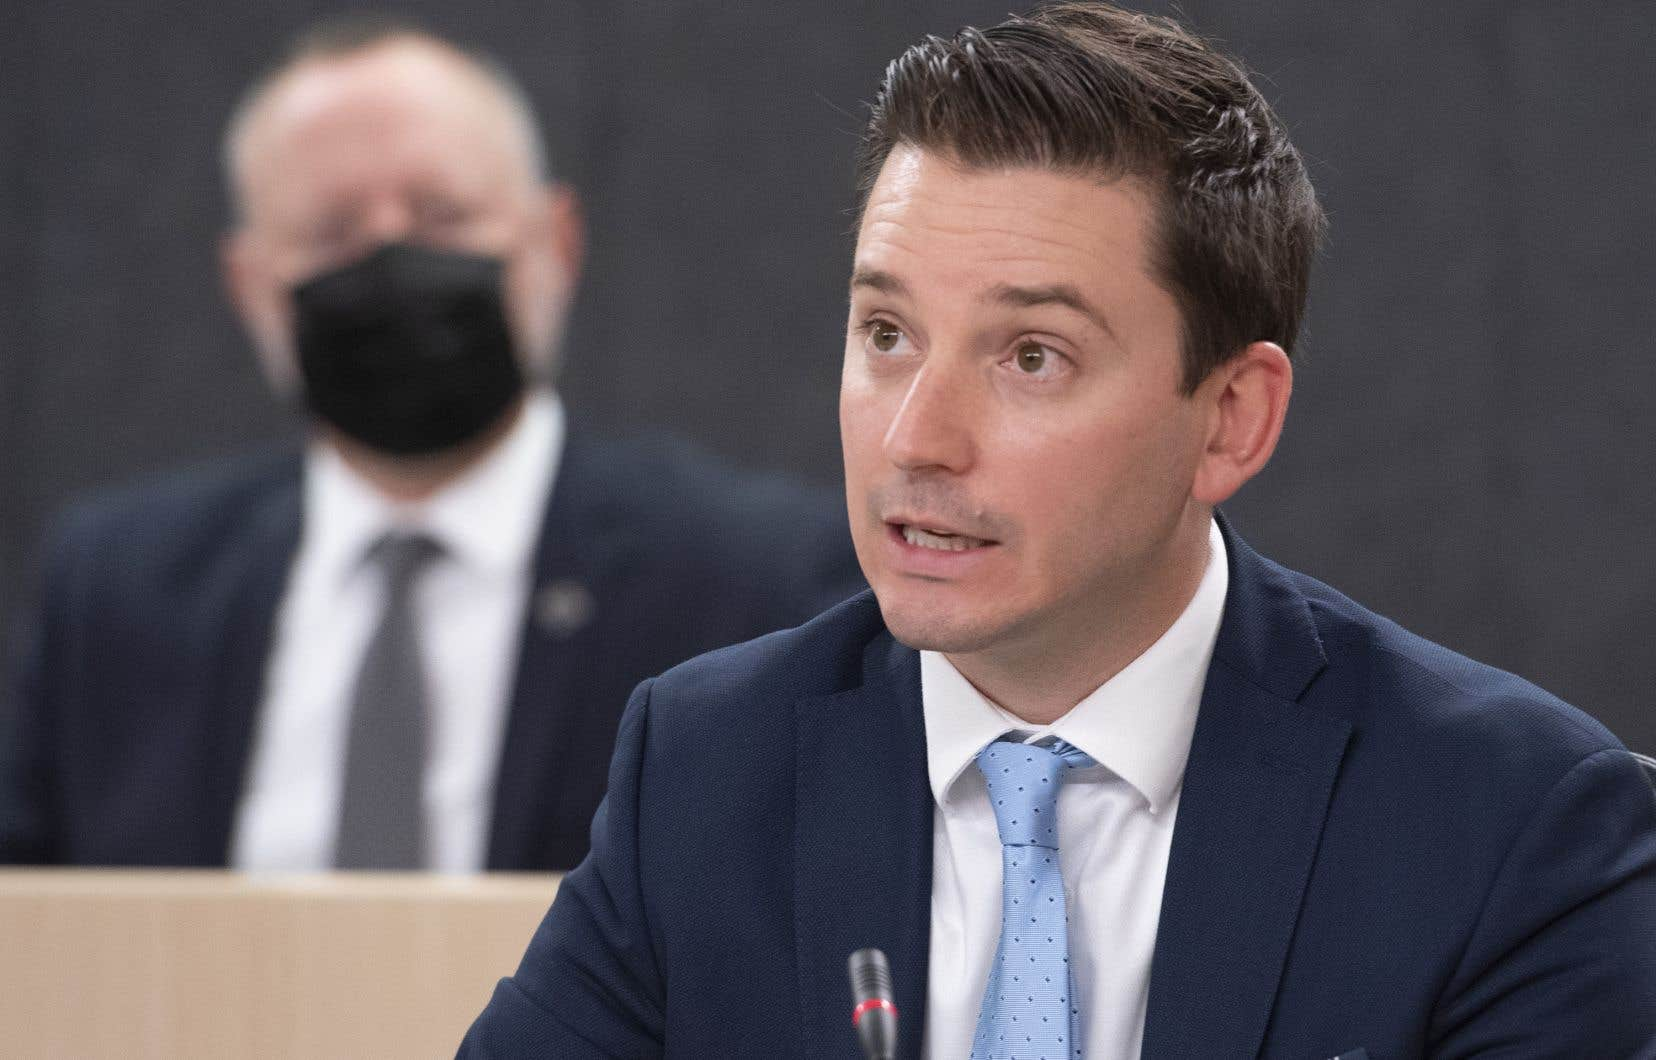 Le ministreJolin-Barrette n'a pas su calmer les «inquiétudes» exprimées lors des audiences publiques.